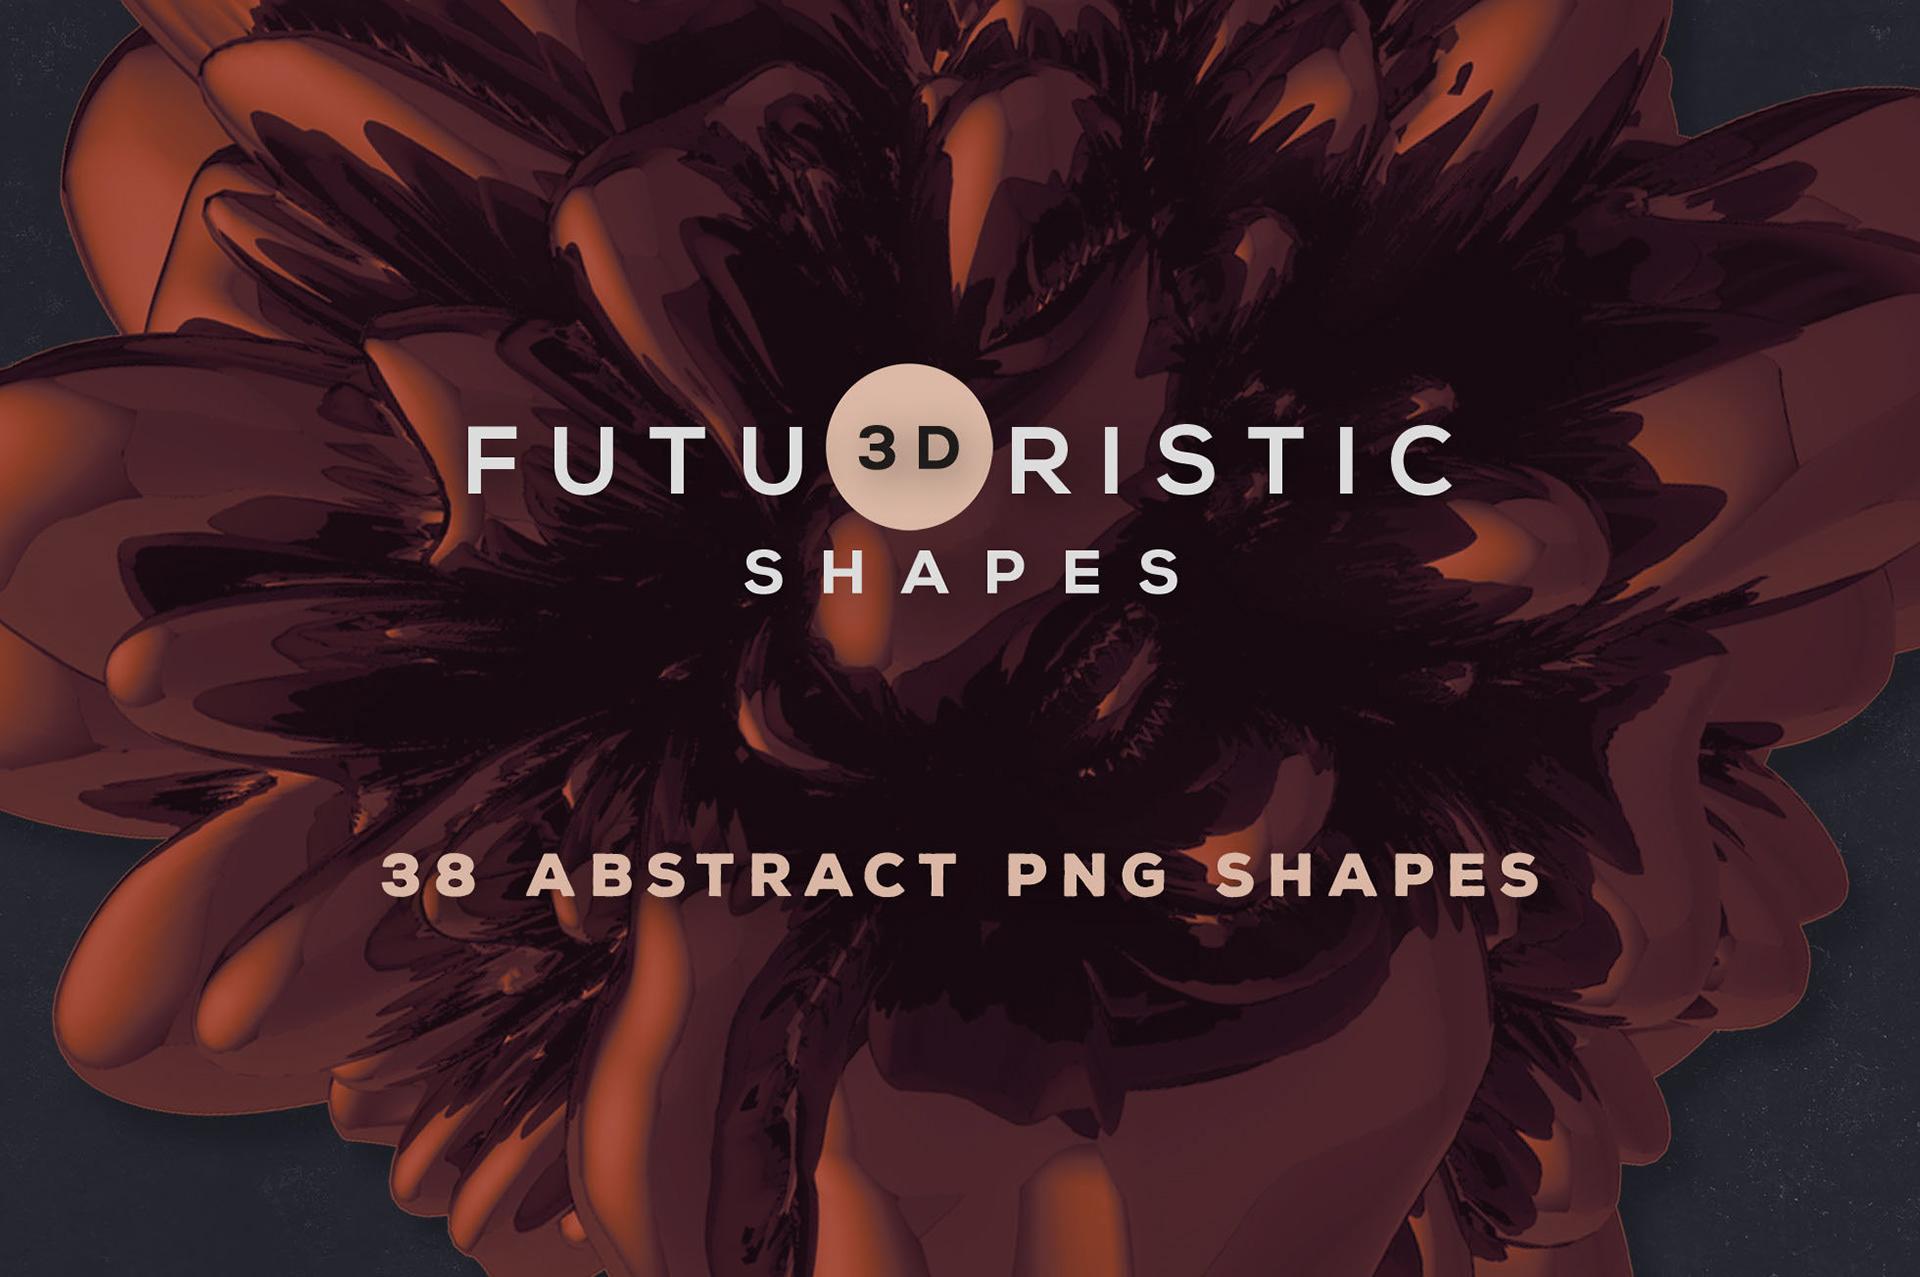 38个创意抽象3D科幻金属图形纹理素材 3D Abstract Shapes 16插图(4)